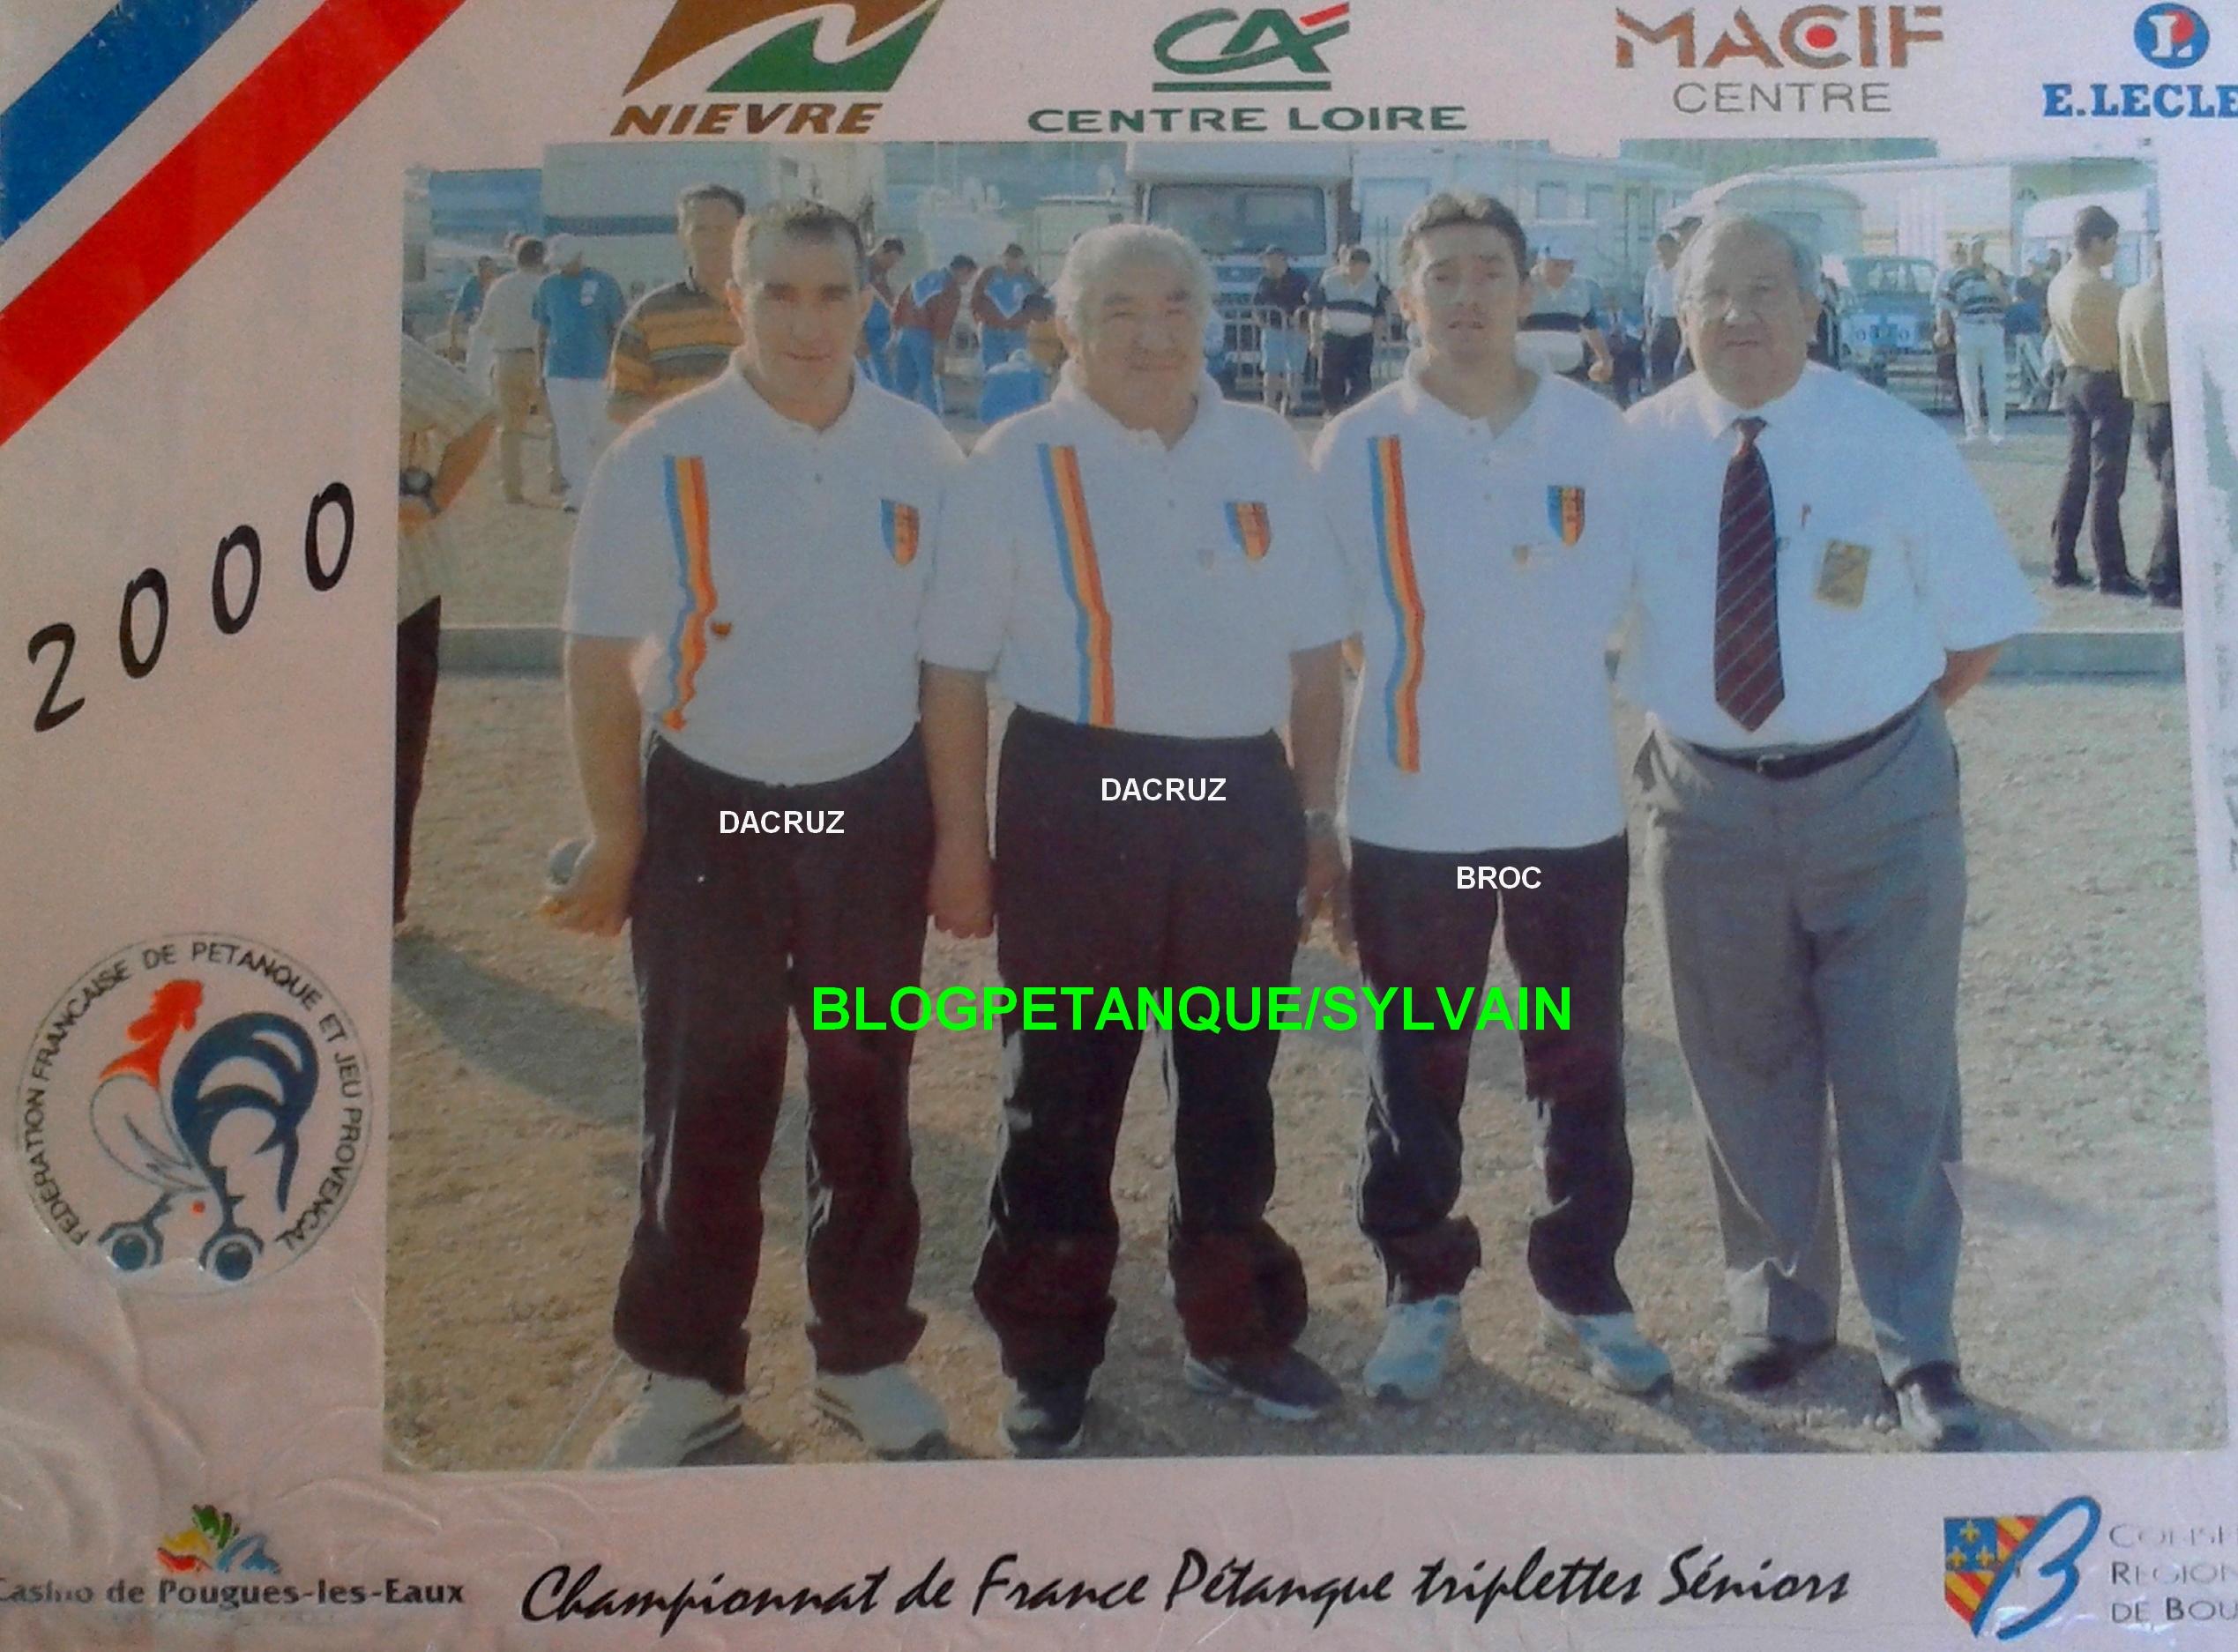 Les champions de ligue triplettes du 06